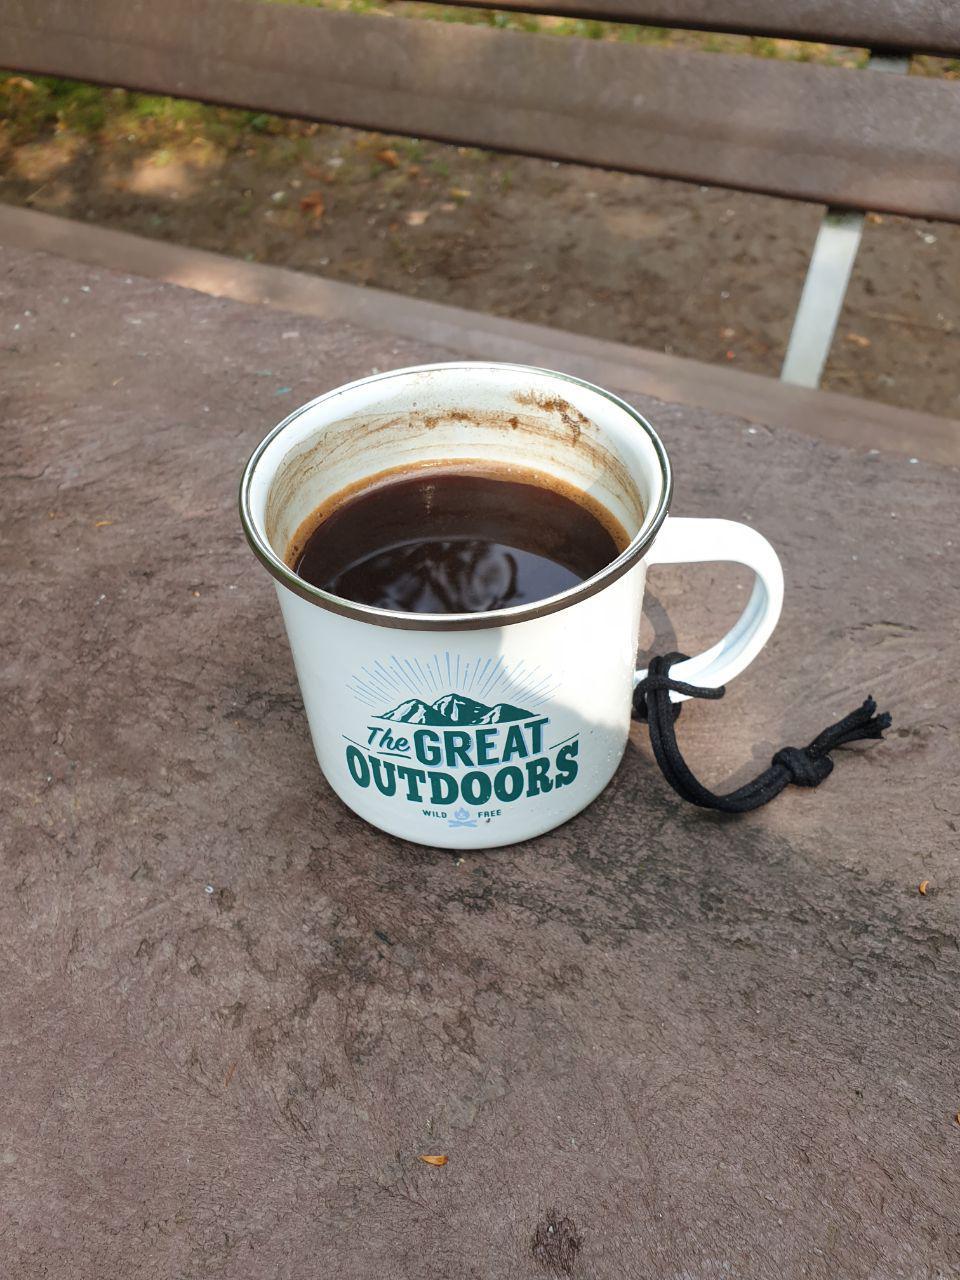 Und der Kaffee konnte den müdesten Käptn wach halten